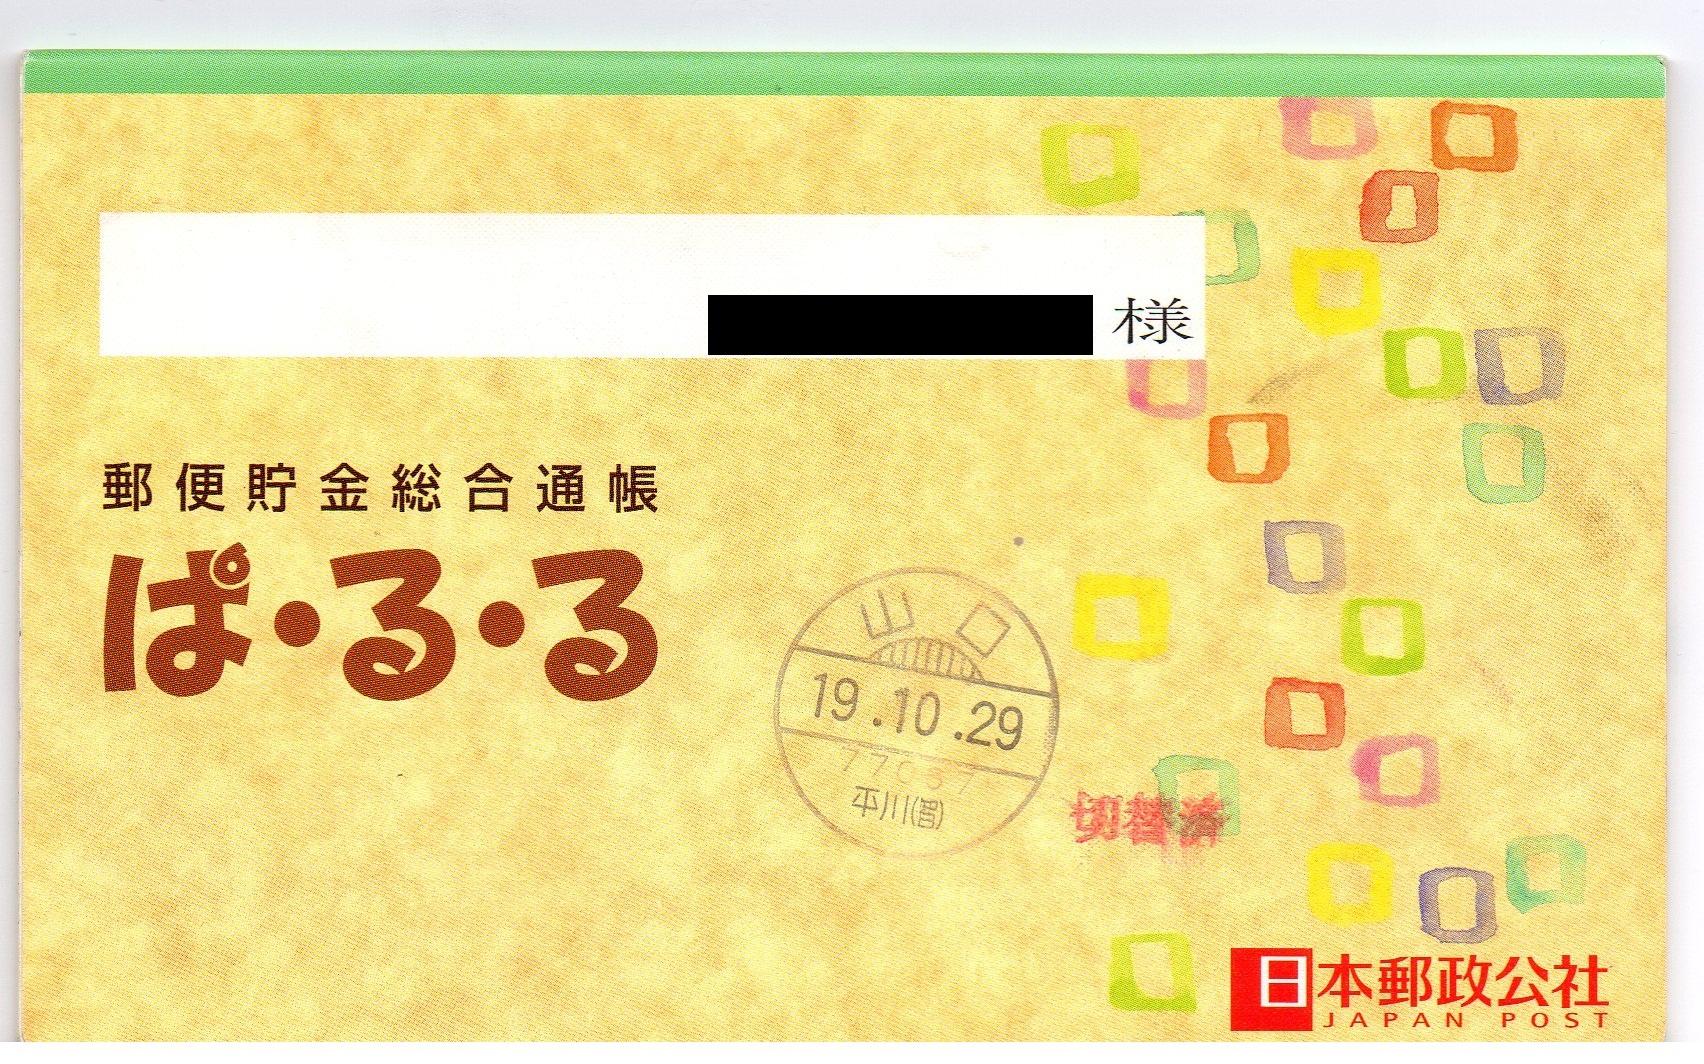 貯金 郵便